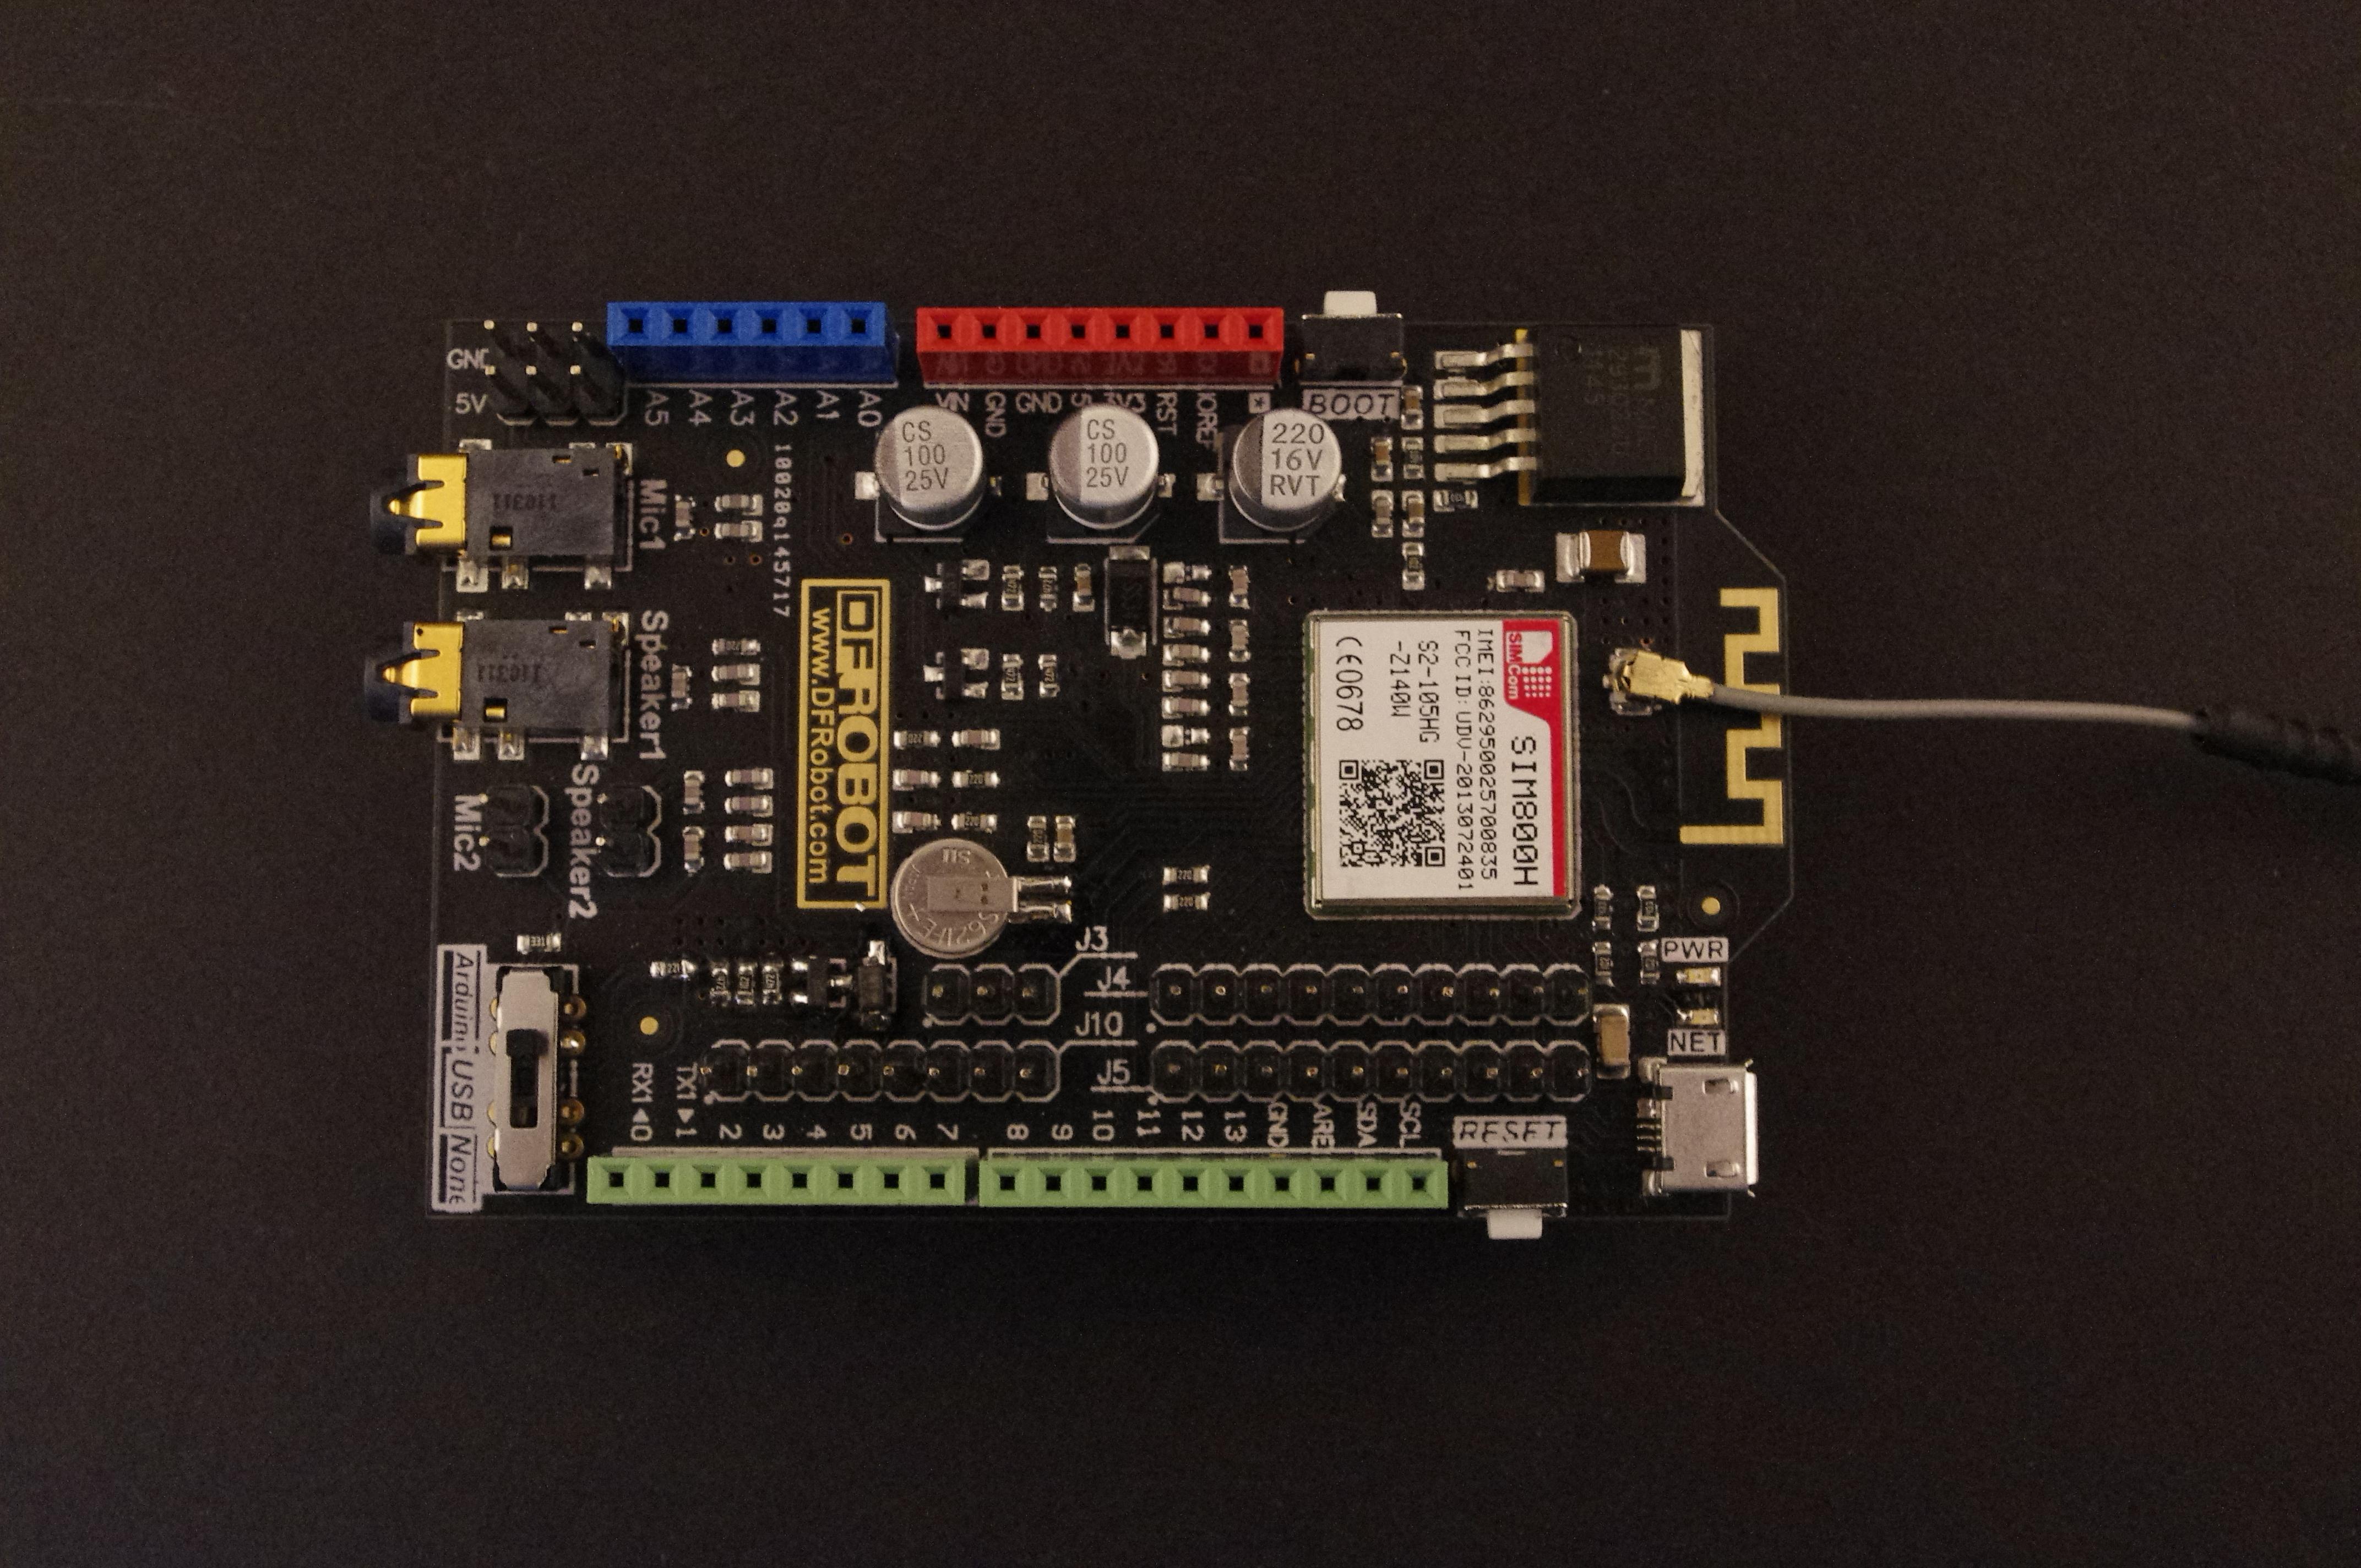 SIM800H GPRS Shield V1.0通信模块